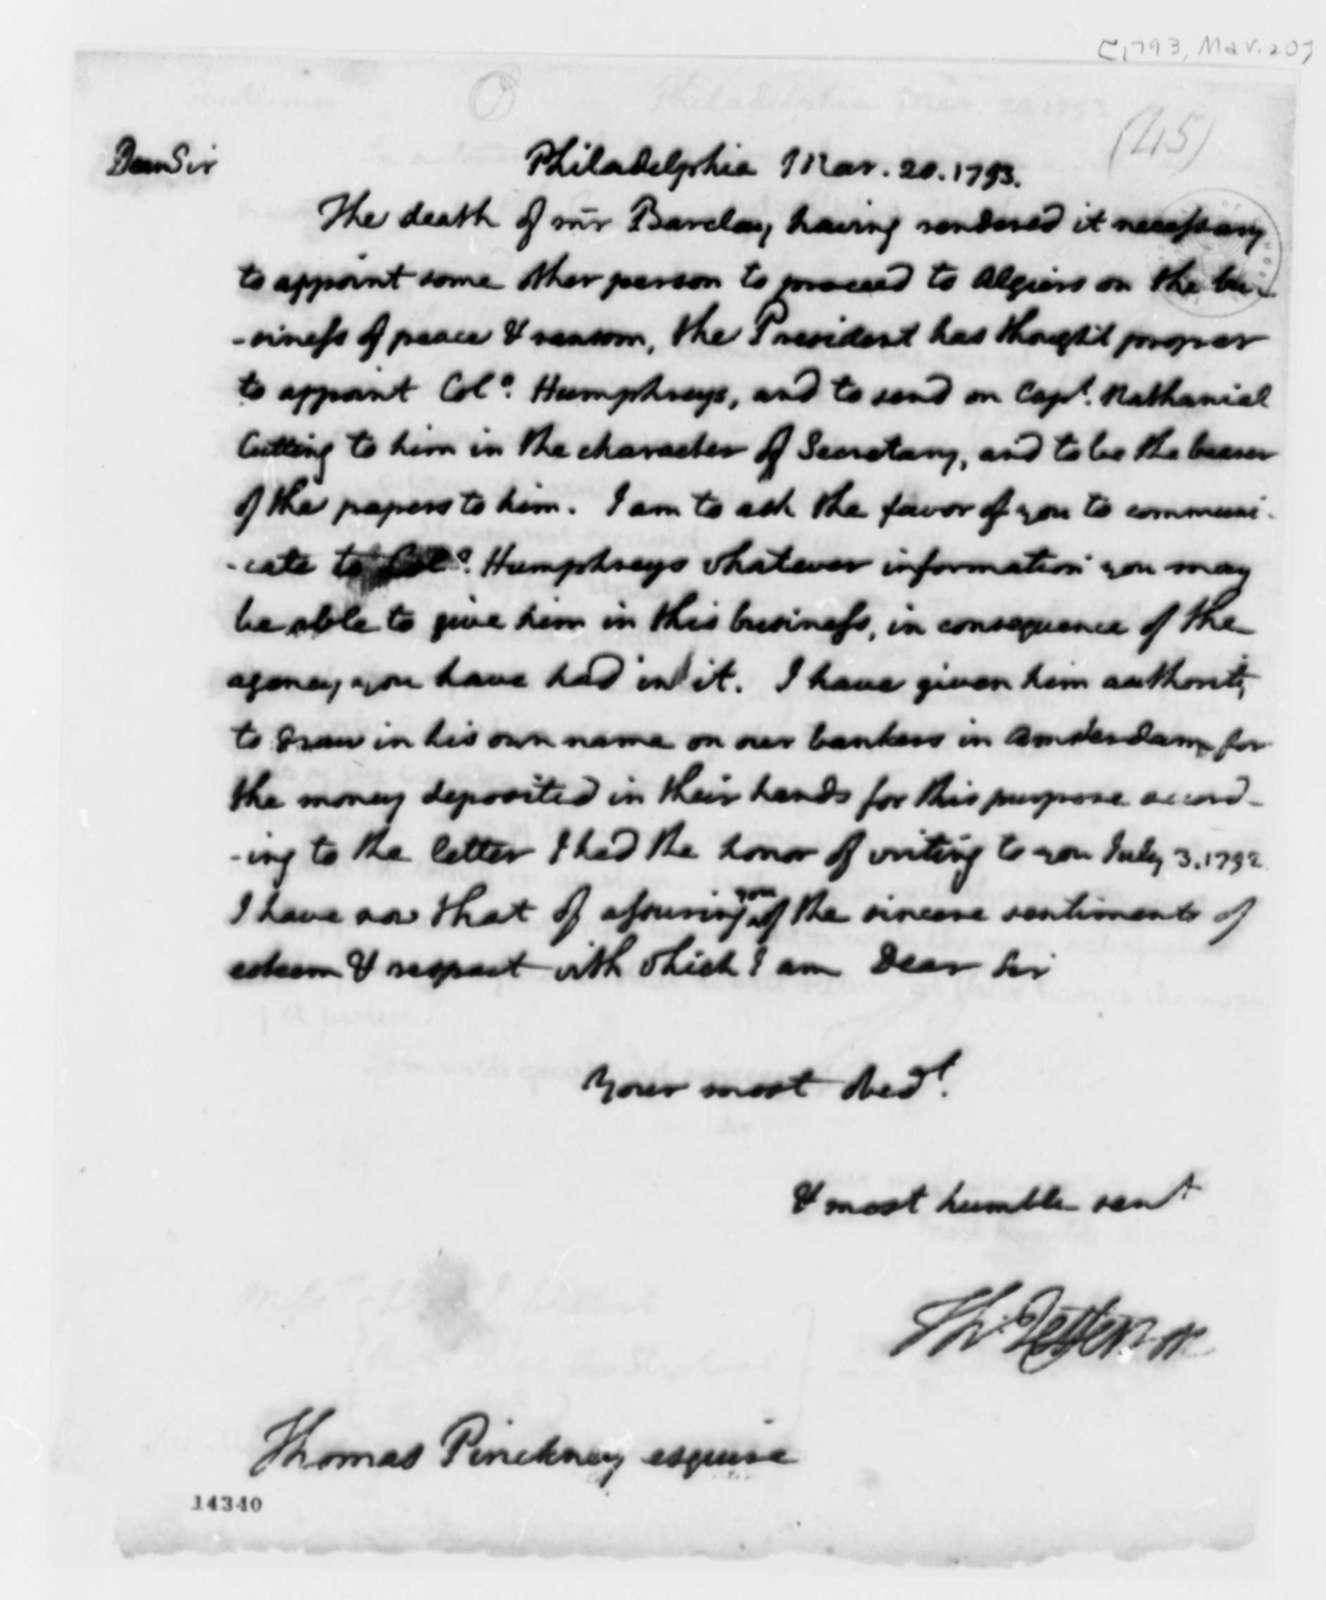 Thomas Jefferson to Thomas Pinckney, March 20, 1793